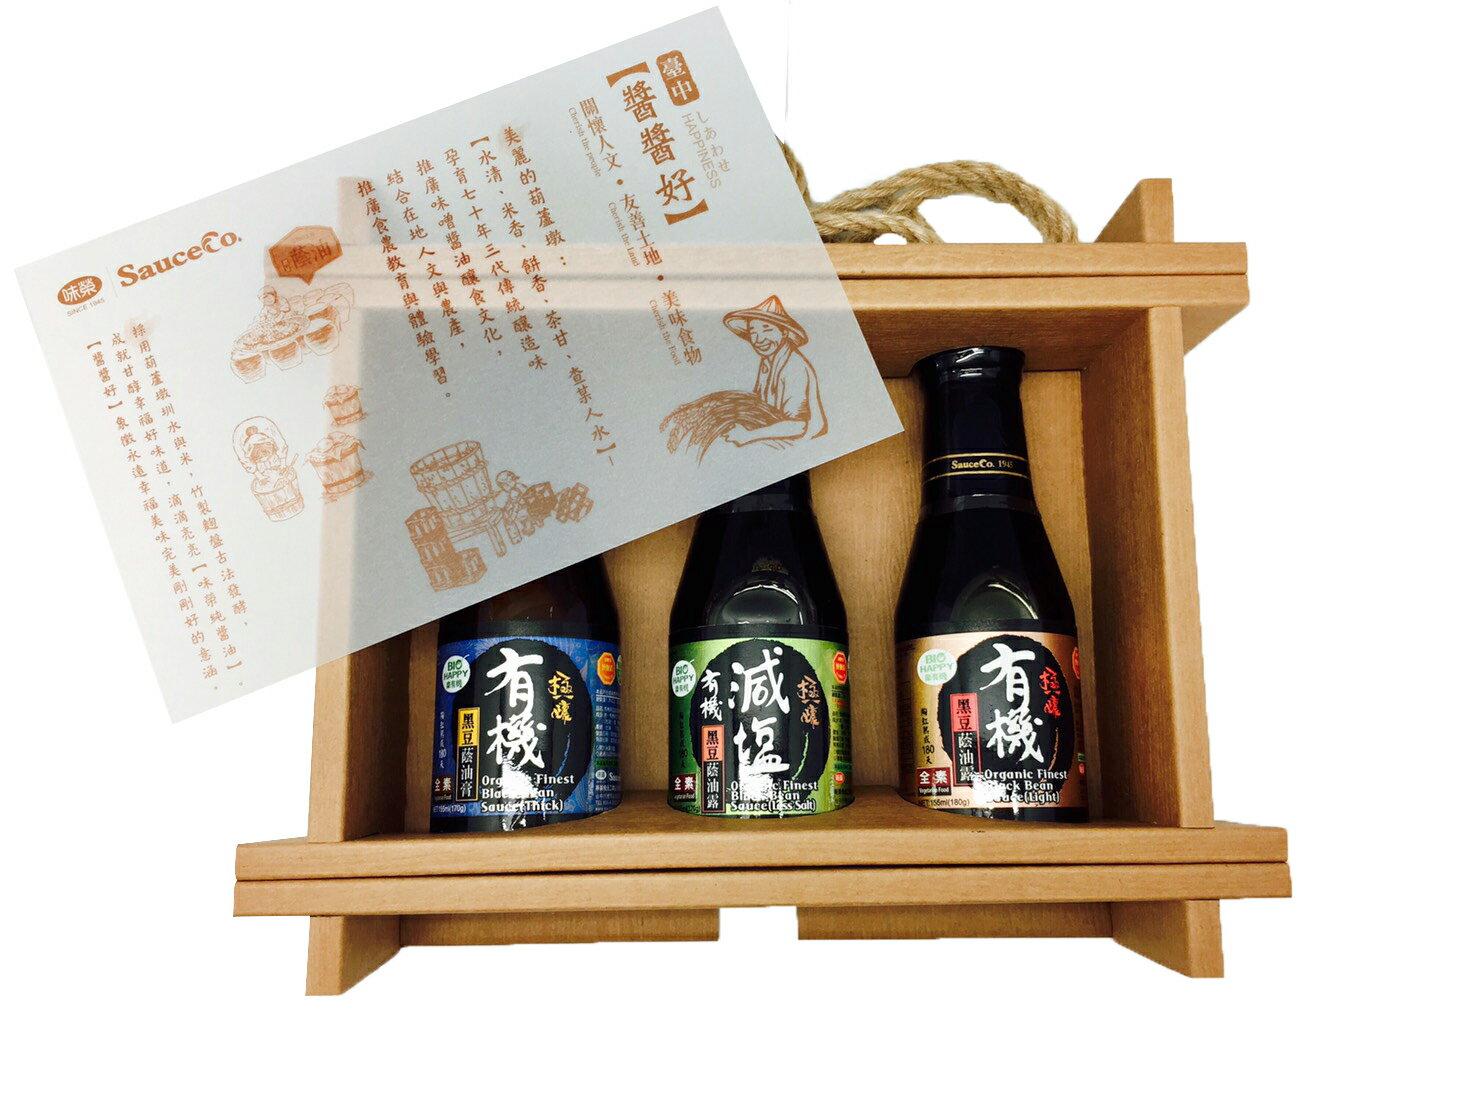 【味榮】醬醬好味榮禮盒(155ml極釀組) 1